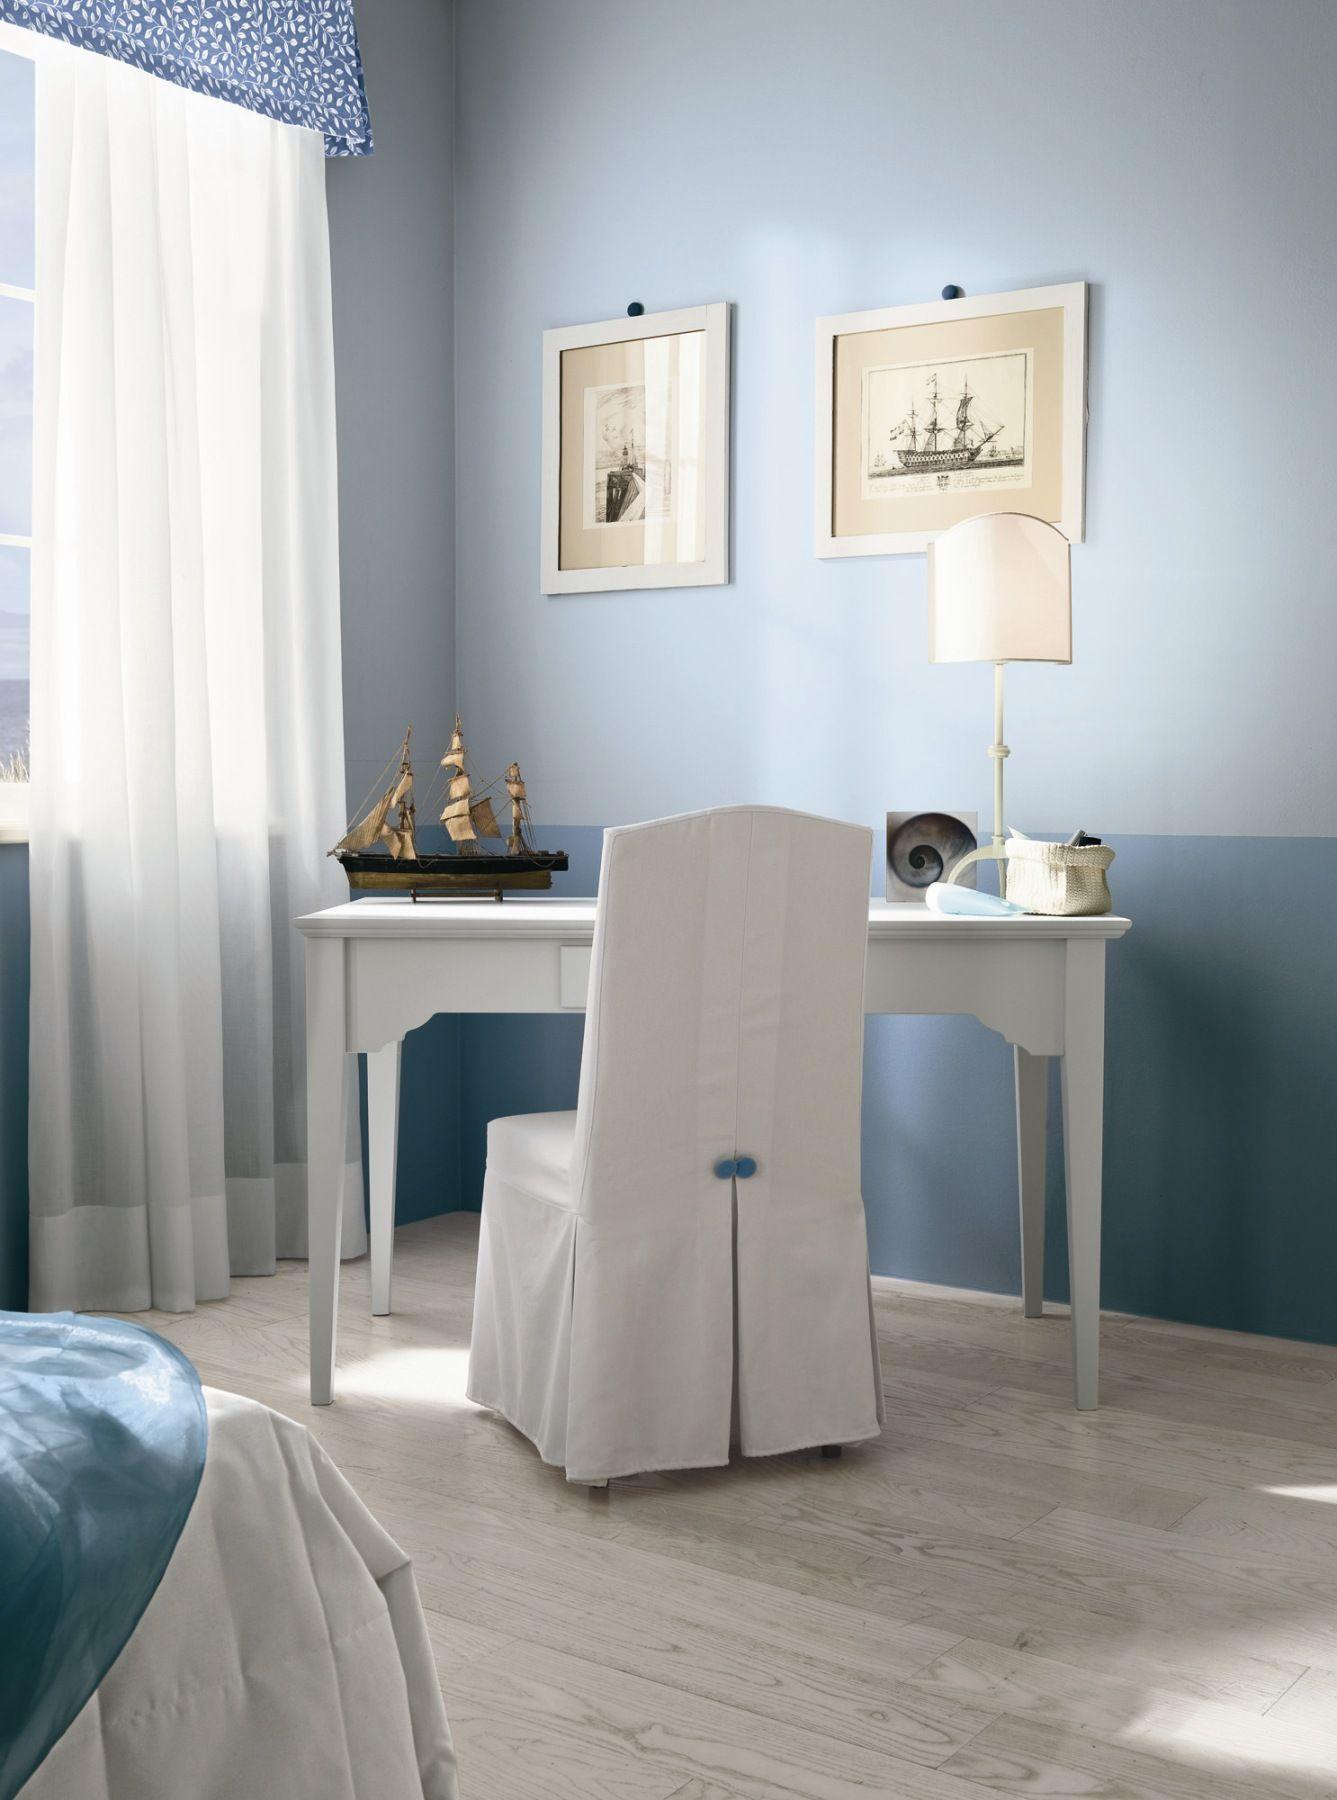 Camera da letto in legno romantic composizione 13 by for Df arredamenti